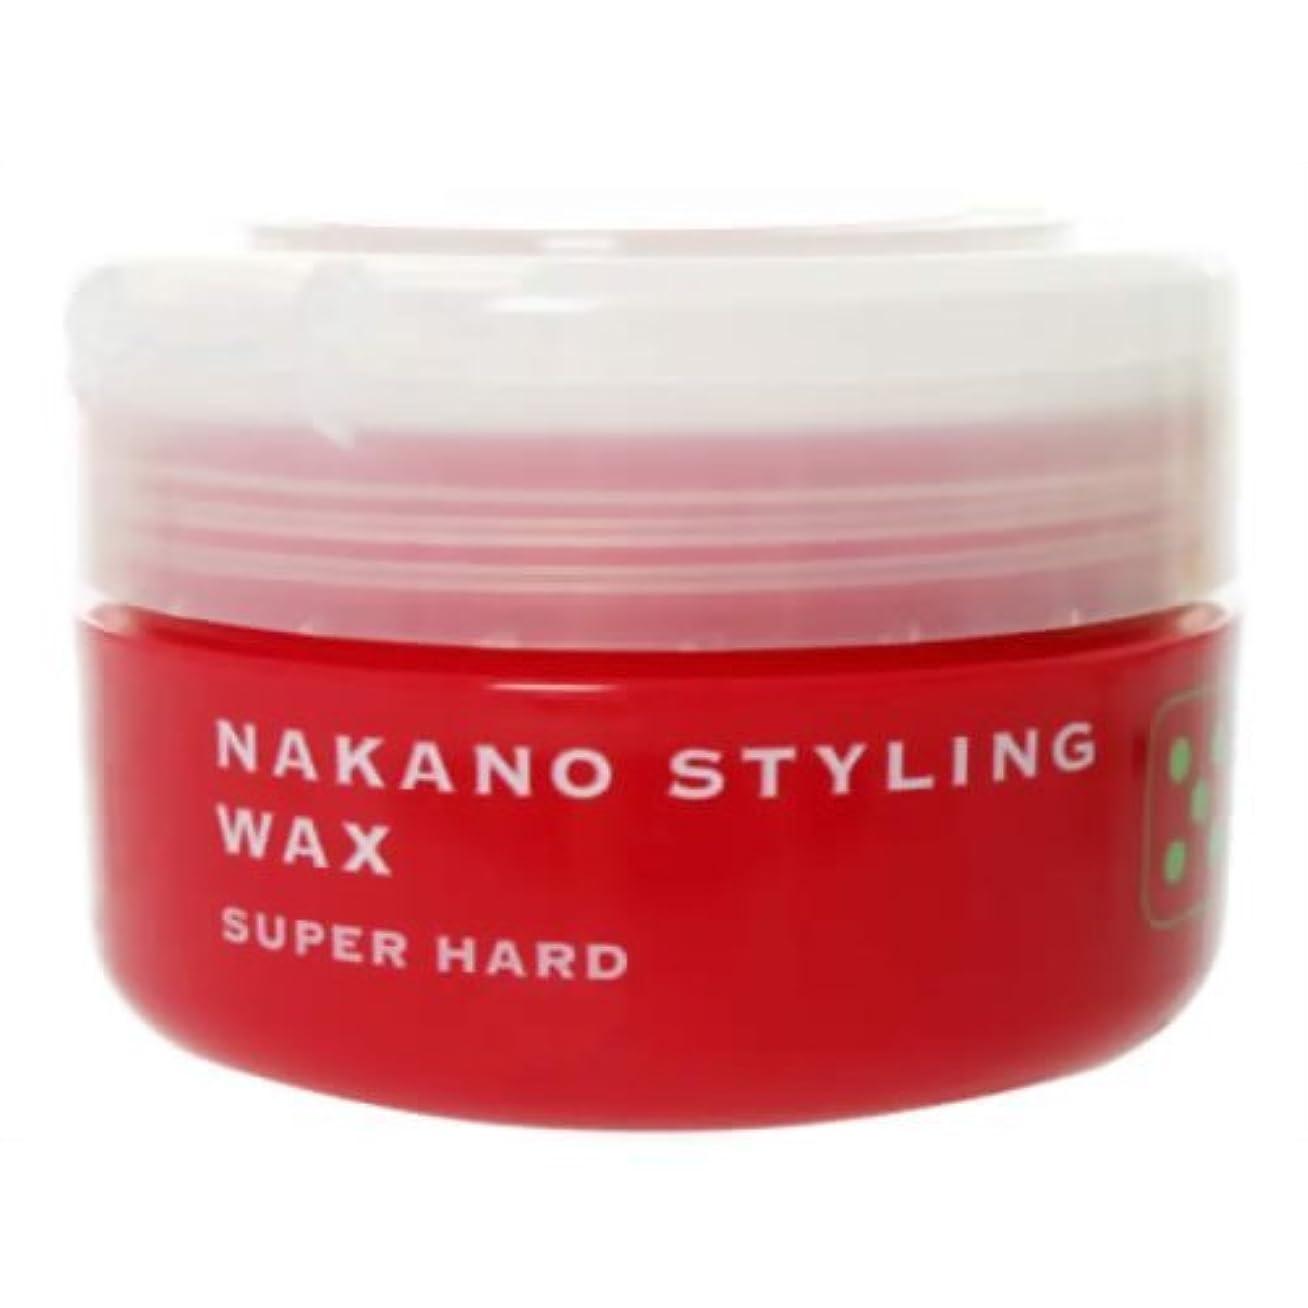 消費するしばしば付録スタイリング ワックス 5 スーパーハード 90g 【ナカノ】